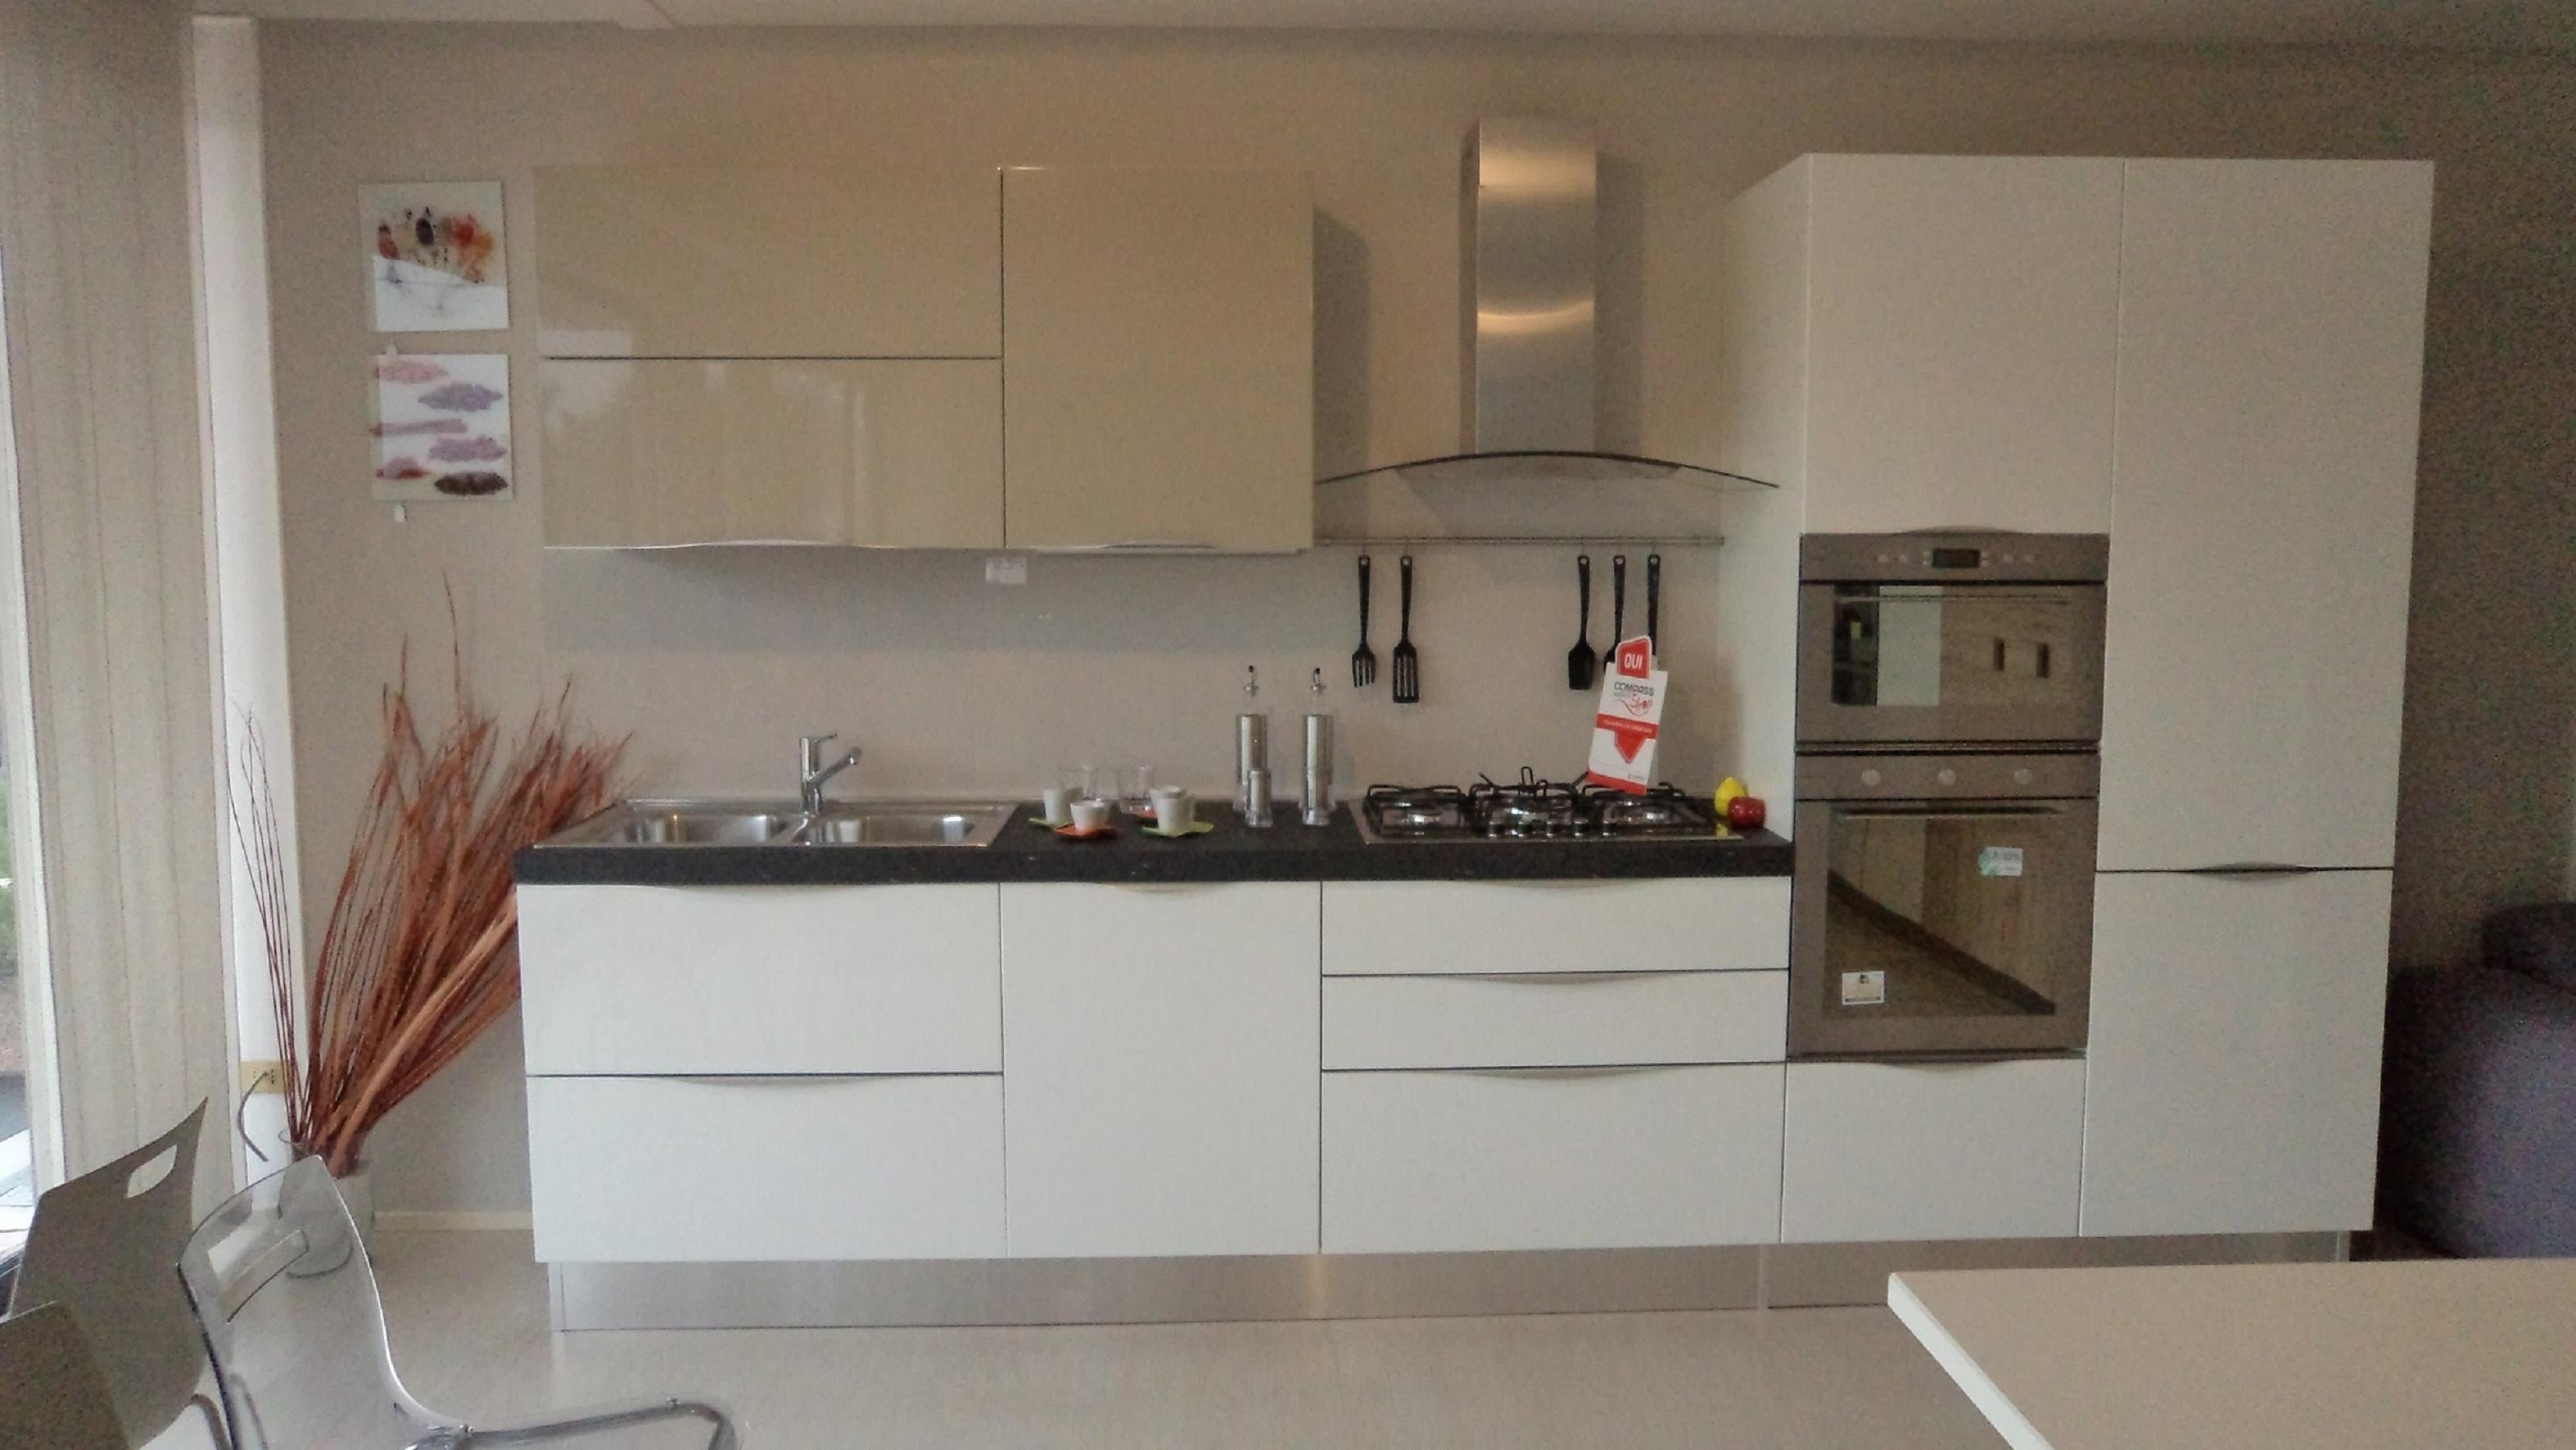 Top Cucina Okite Prezzo : Piano cucina okite costo. Piano cucina ...